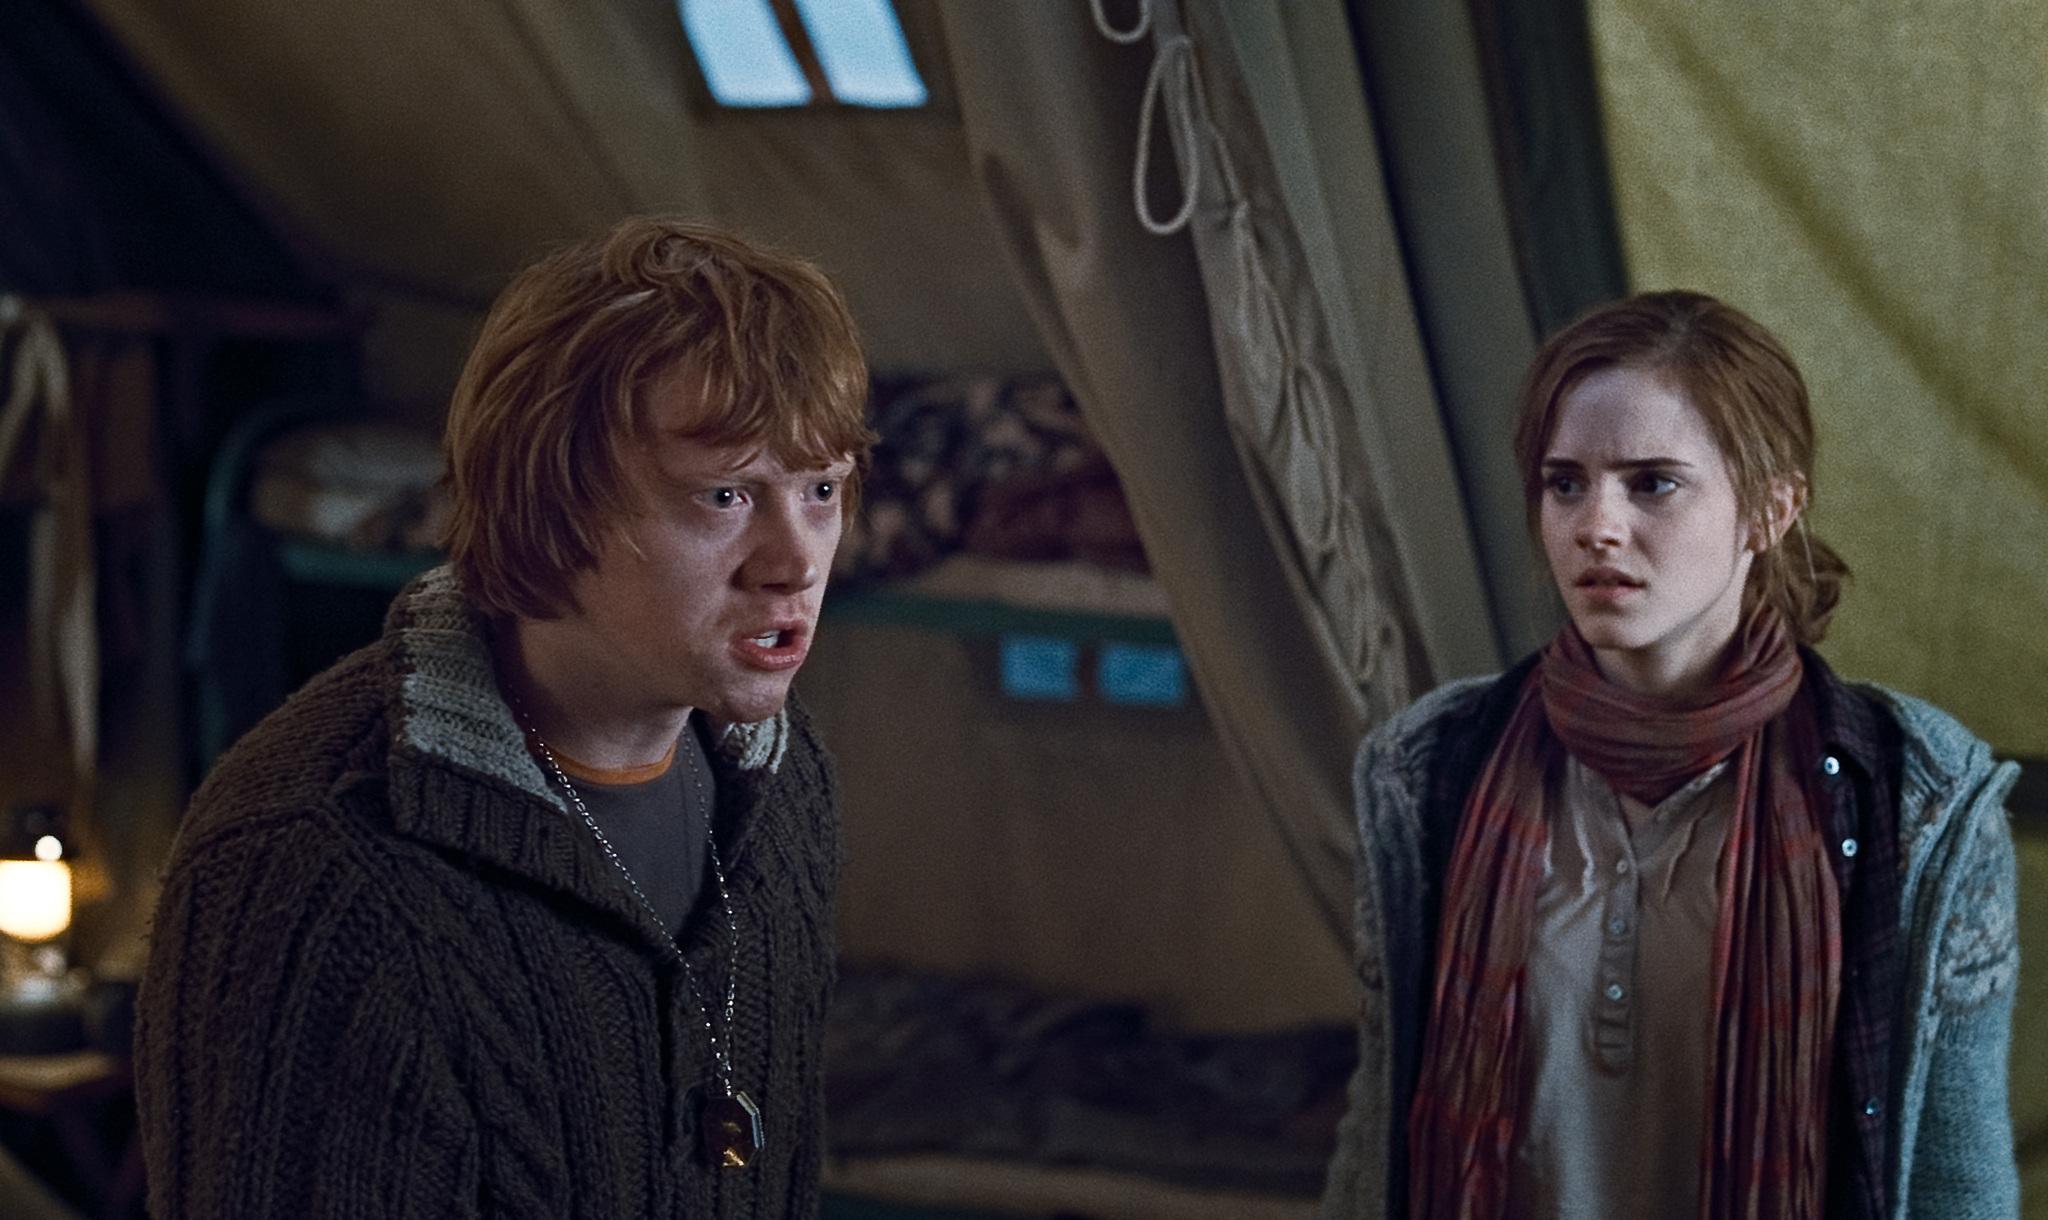 Ron Weasley se dispute avec Harry dans Harry Potter et les reliques de la mort, sous l'effet du horcrux